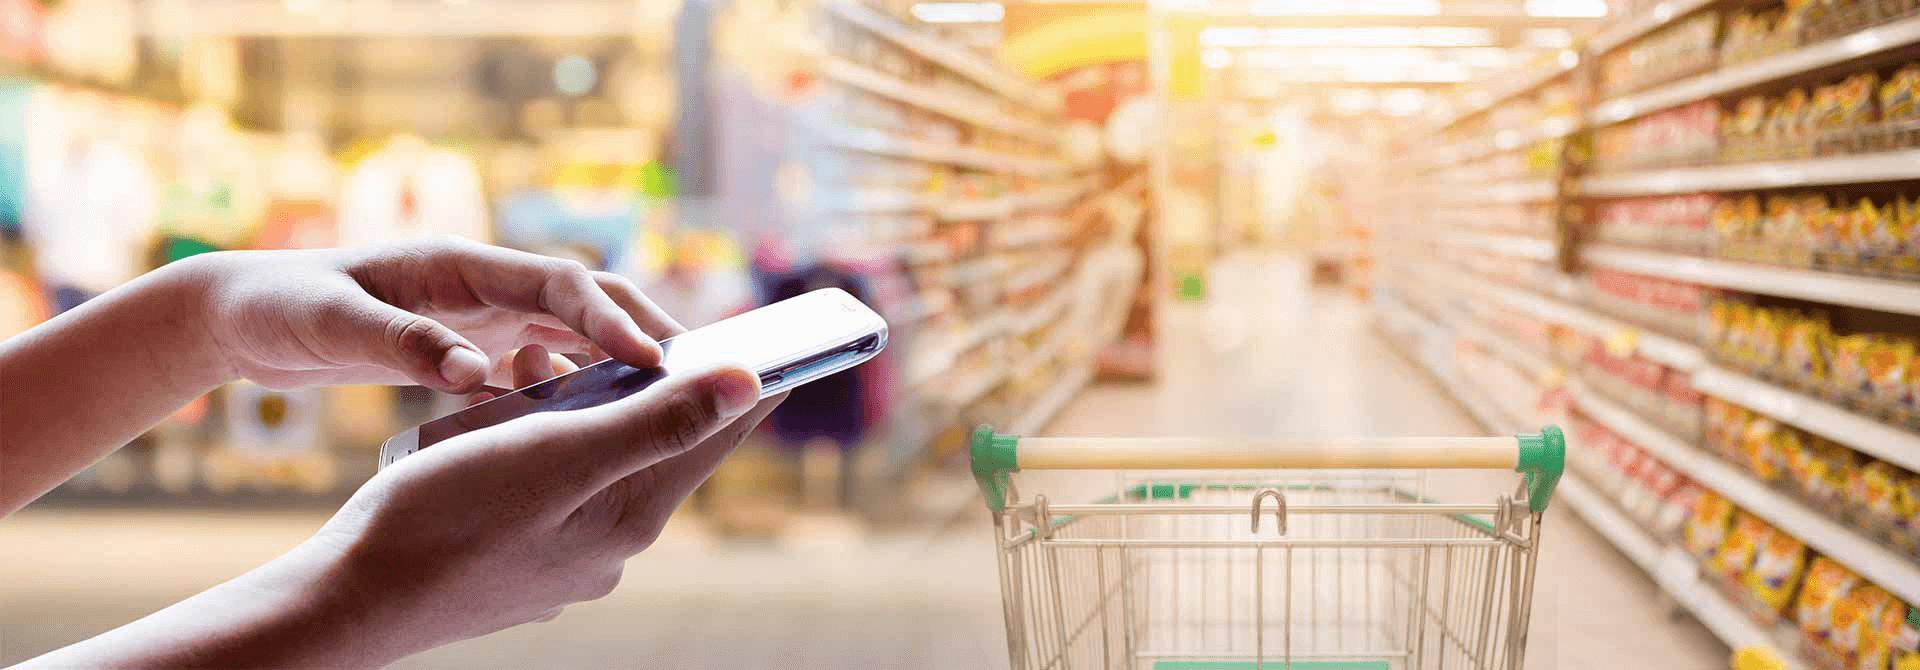 Téléphone et caddy supermarché